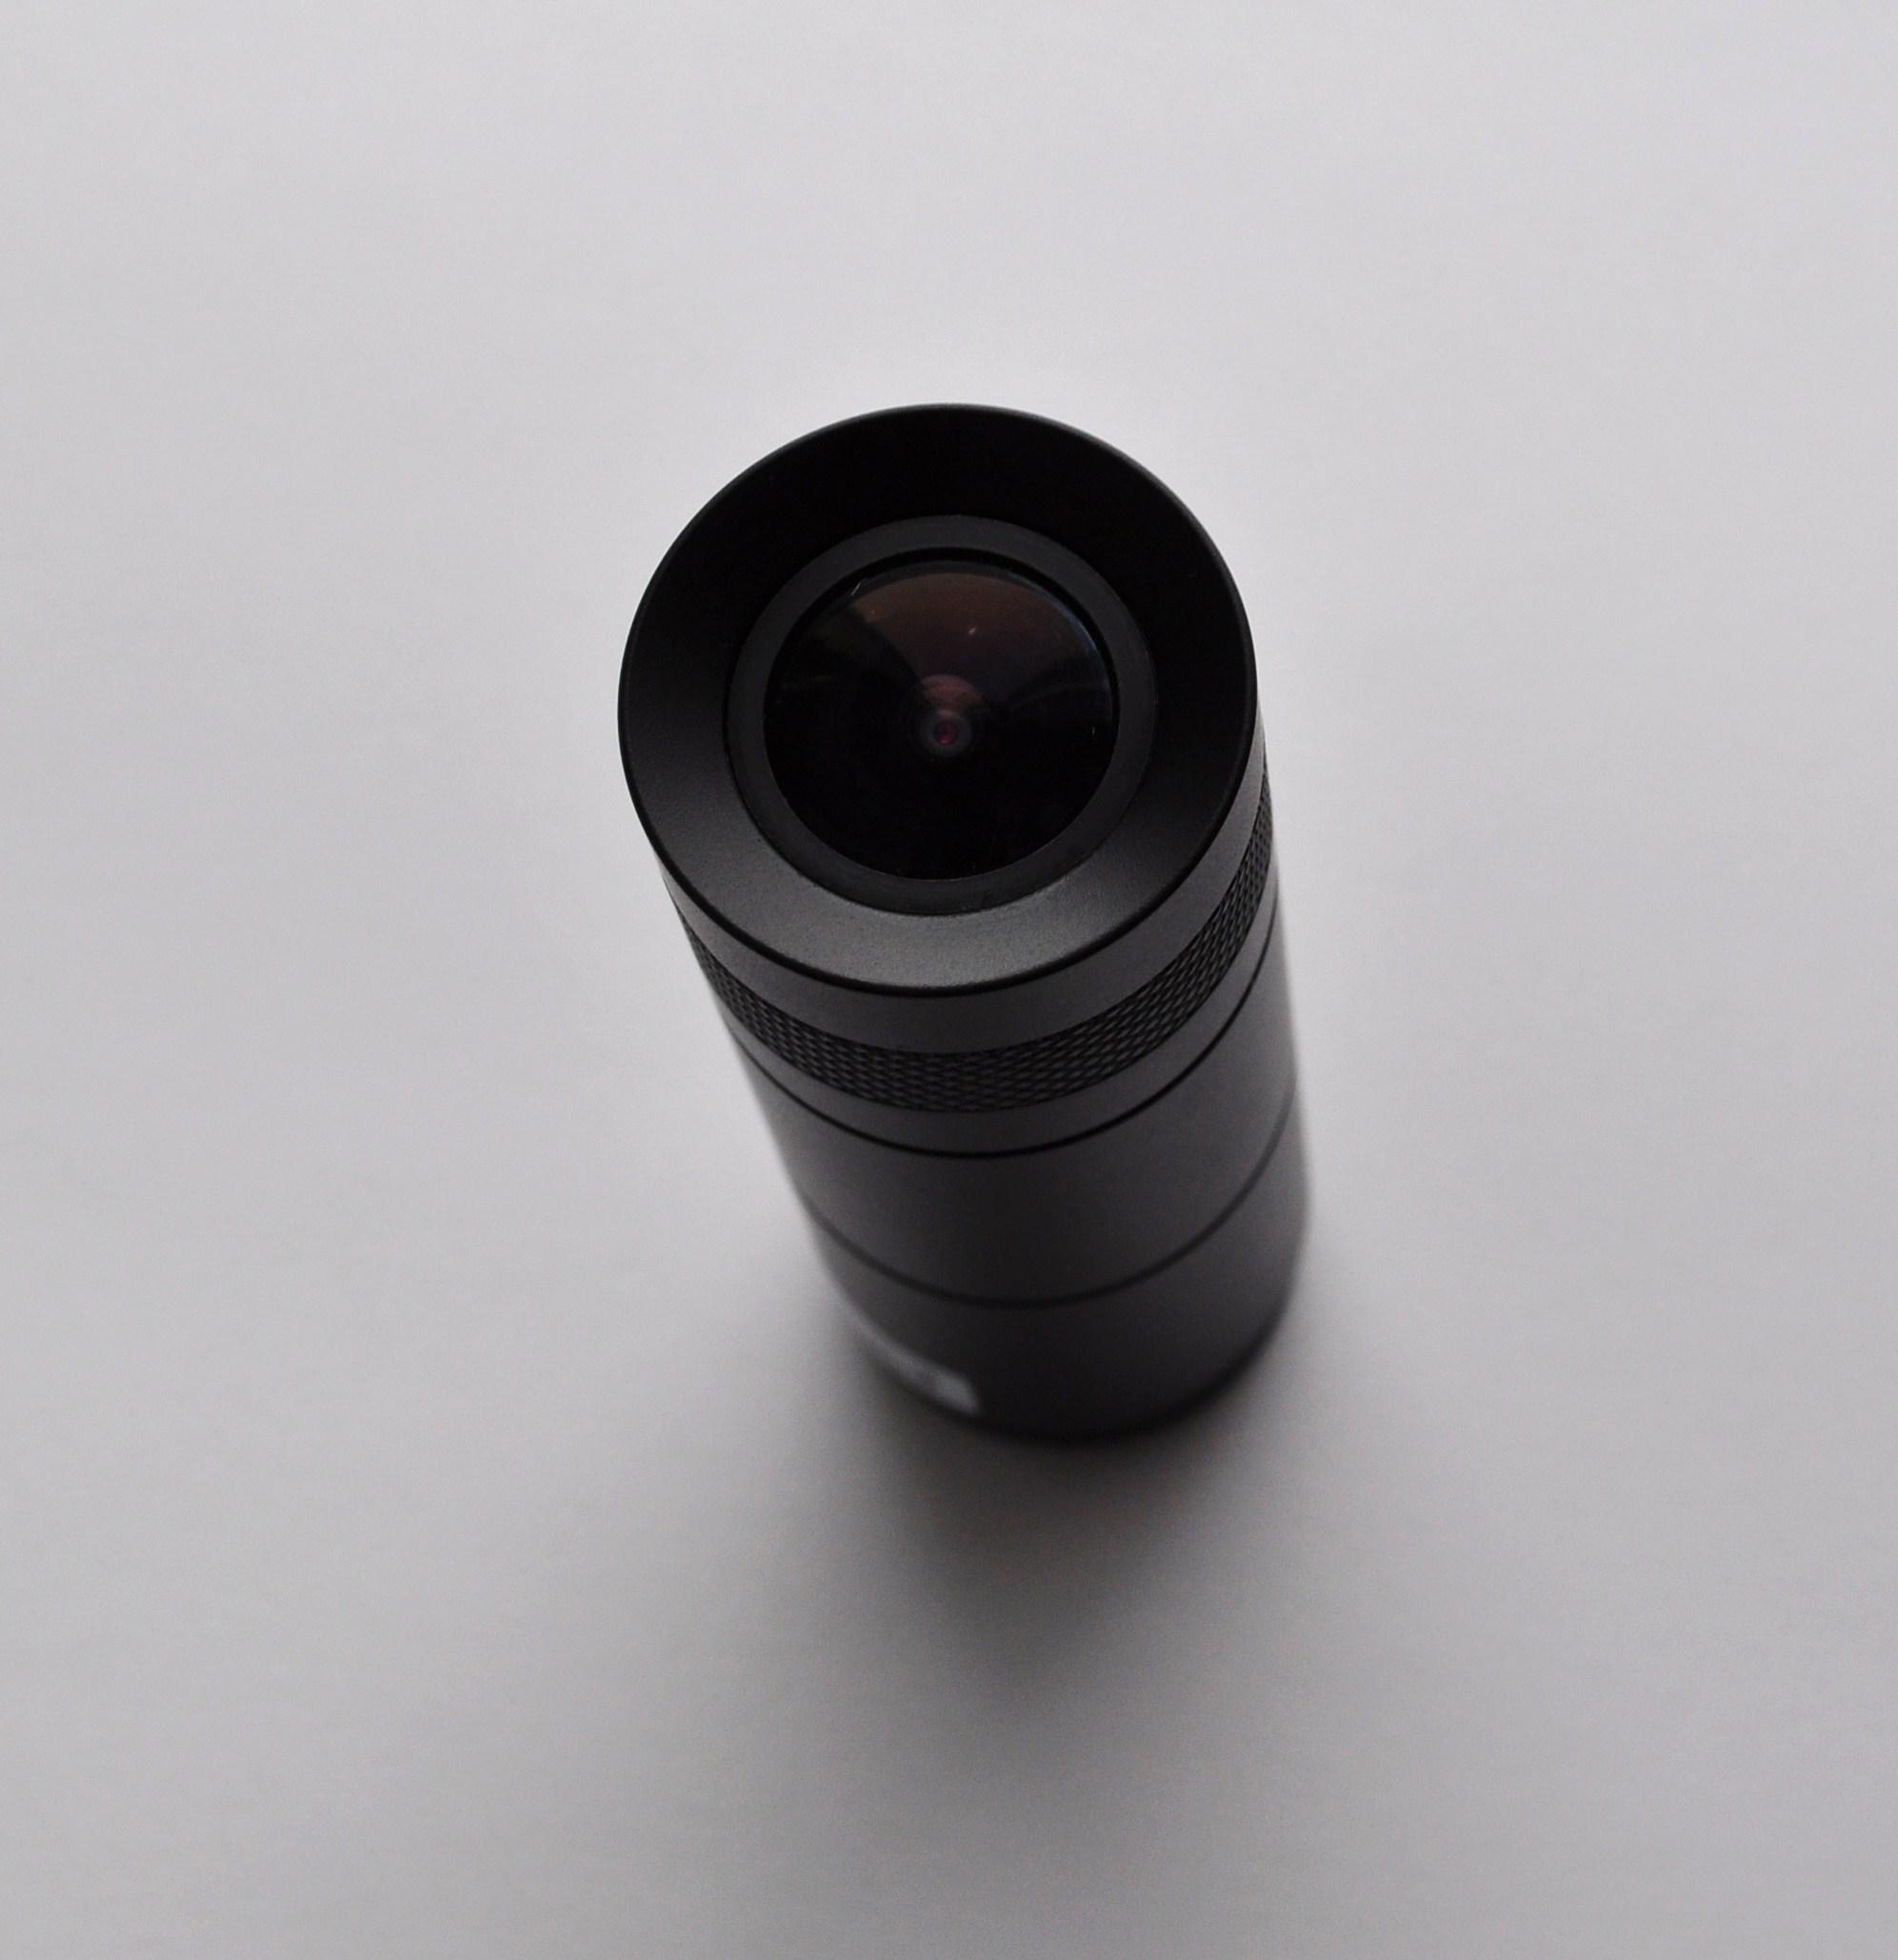 New Pro 1080p Hd Mini Metal 170 Degree Water Fire Proof